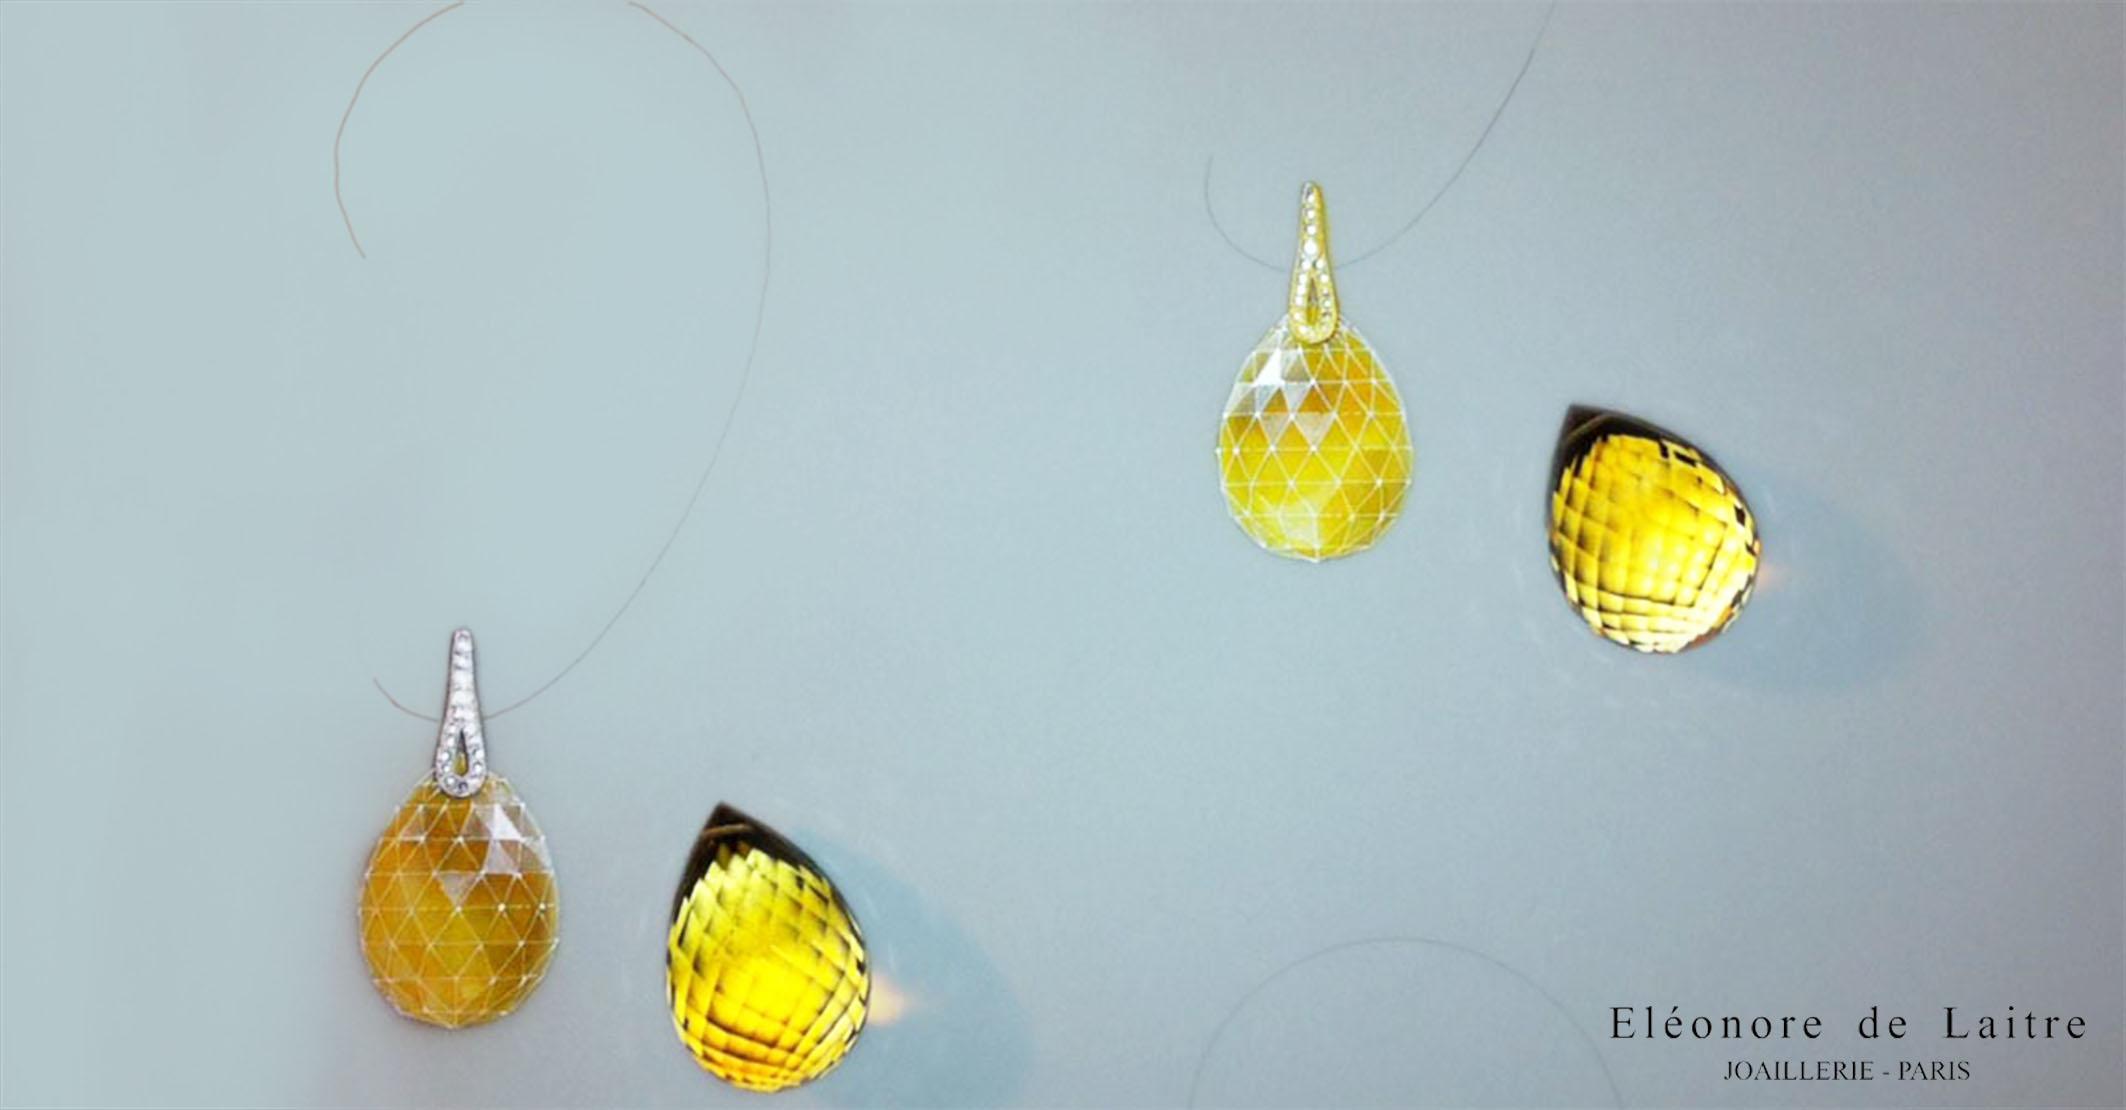 Eléonore de Laitre - Boucles d'oreilles Aiguille - Quartz-fumée, diamants, or gris ou or jaune